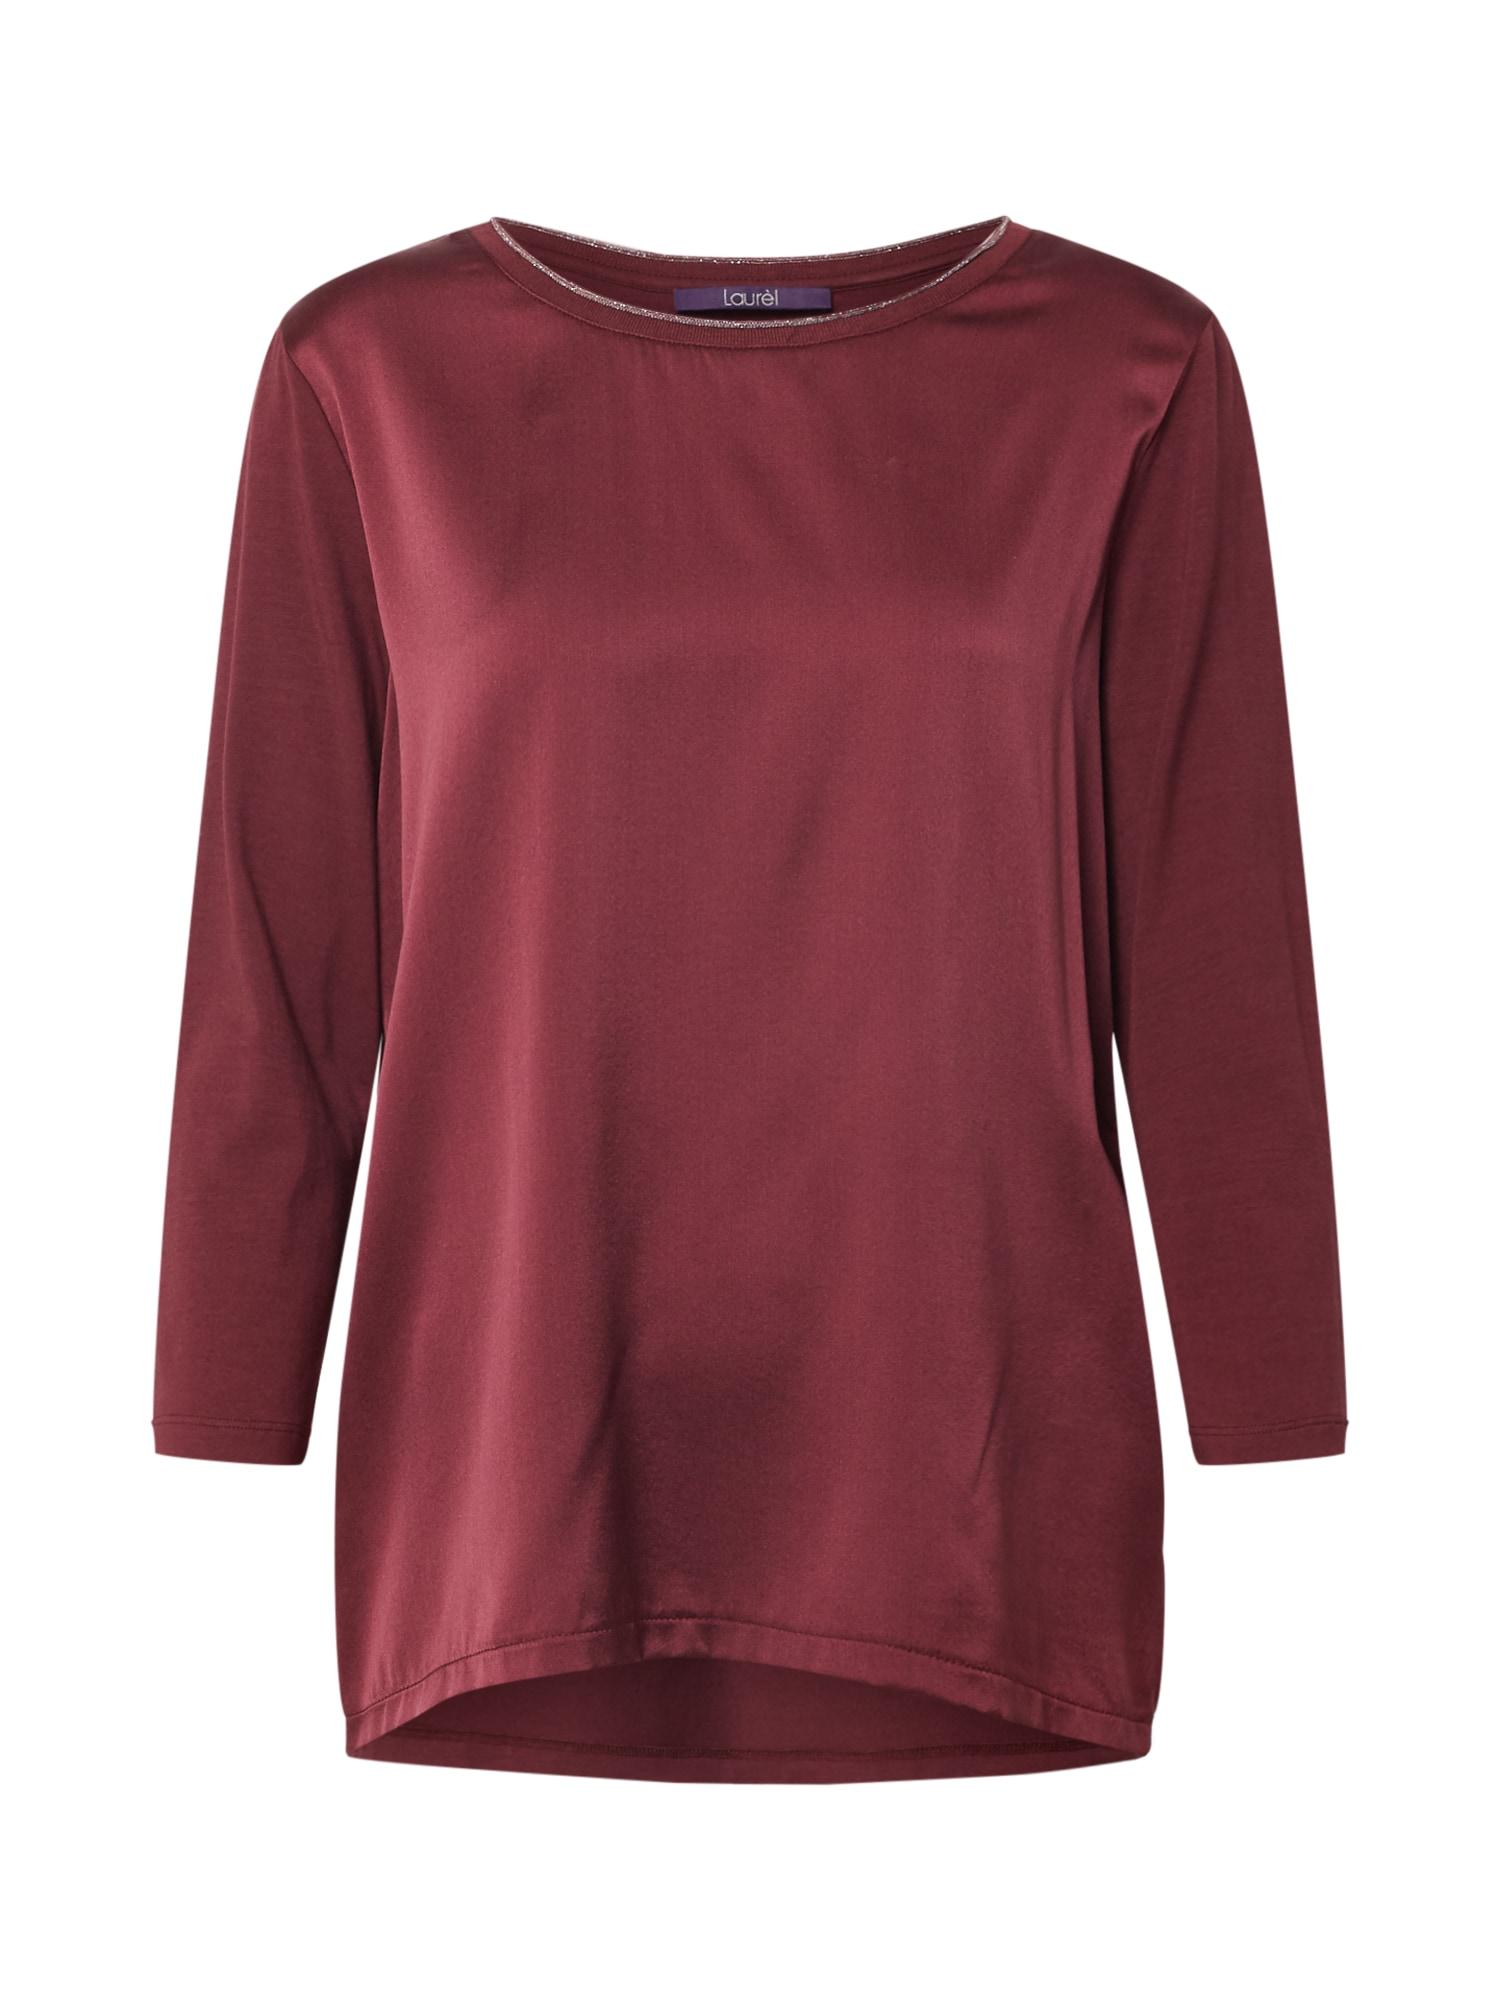 LAUREL Marškinėliai raudonai violetinė